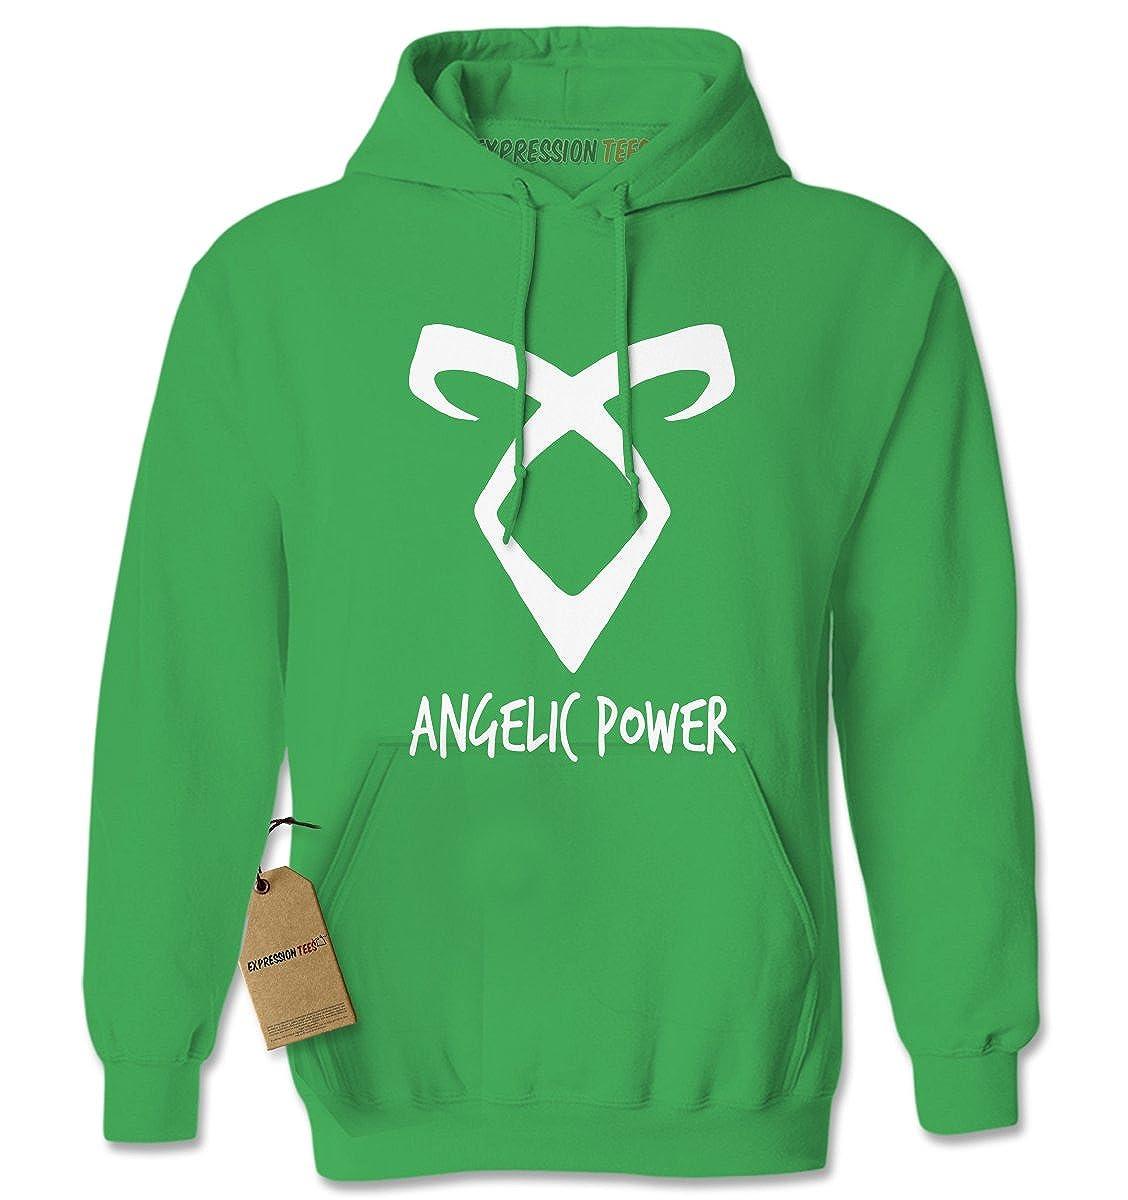 Expression Tees Angelic Power Rune Enkeli Unisex Adult Hoodie 1842-H